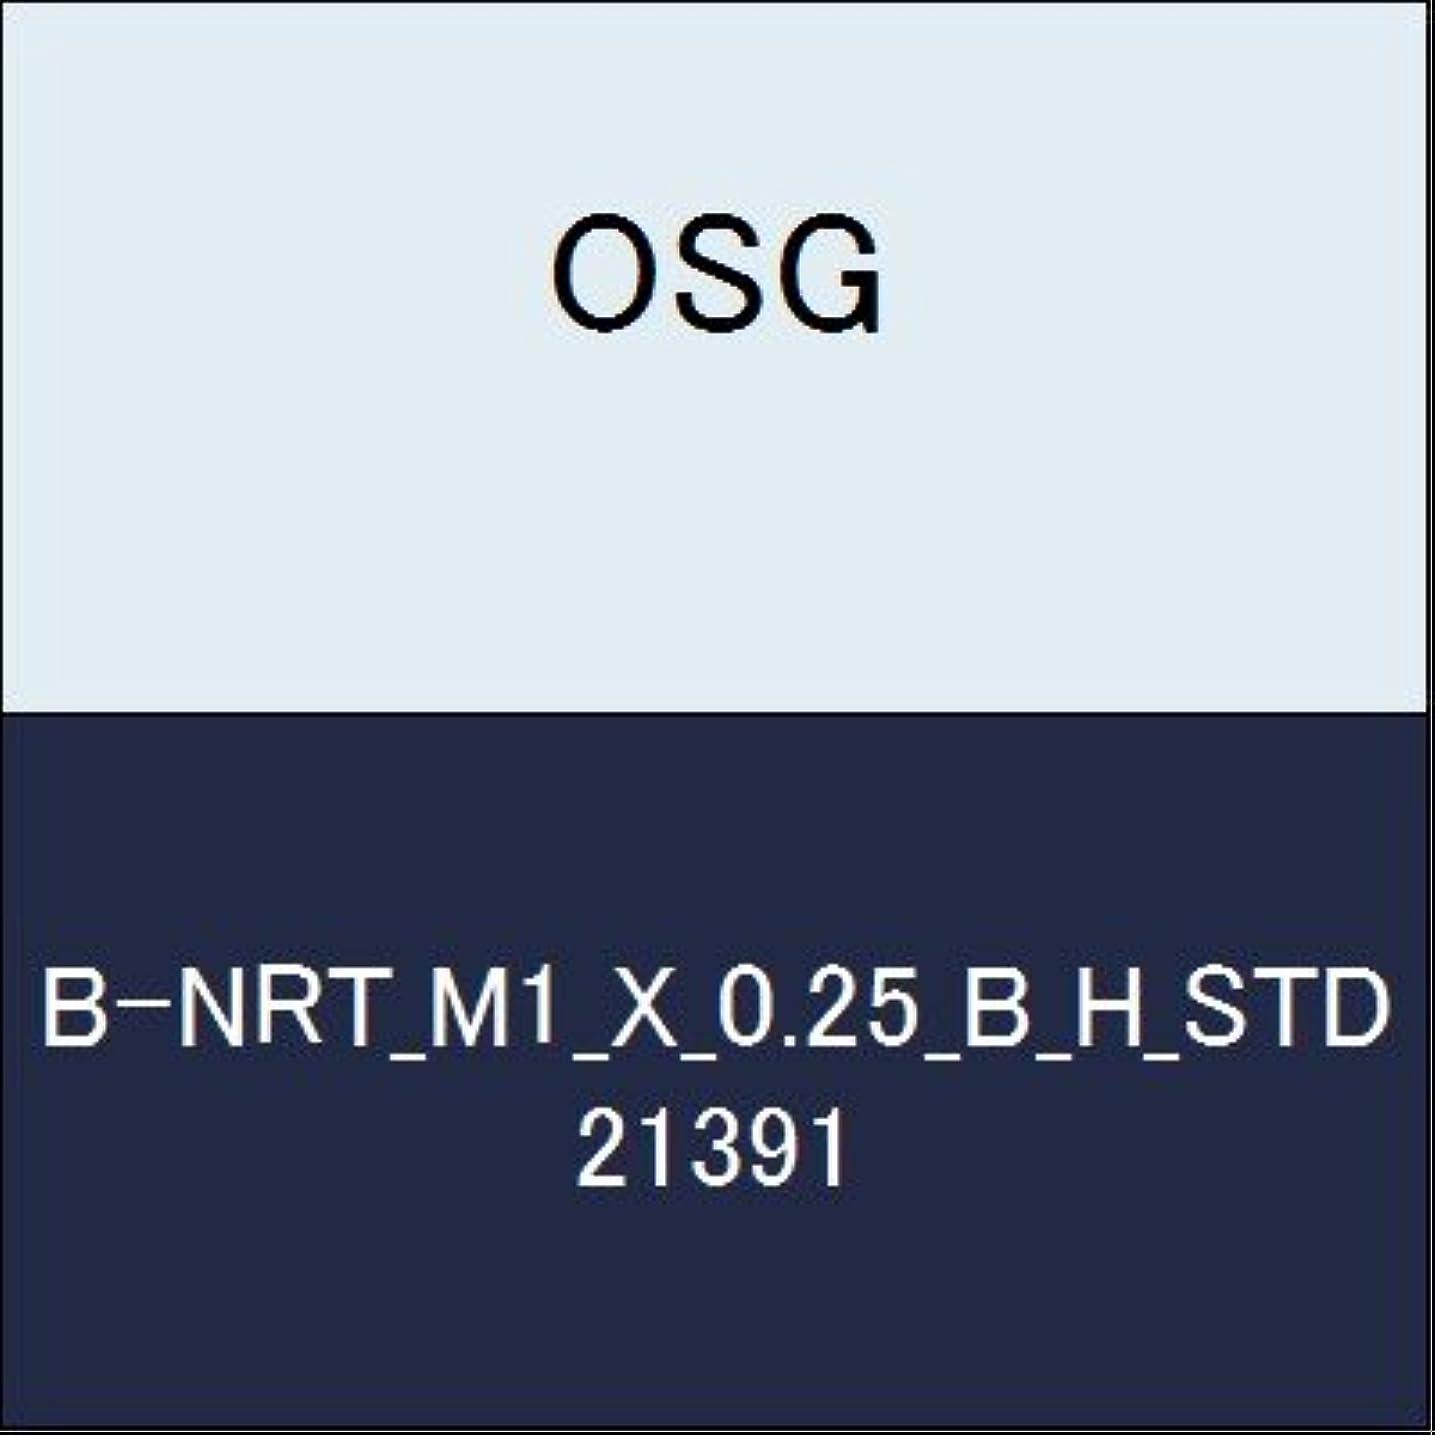 取り消す電信バスケットボールOSG ハイス溝ナシタップ B-NRT_M1_X_0.25_B_H_STD 商品番号 21391